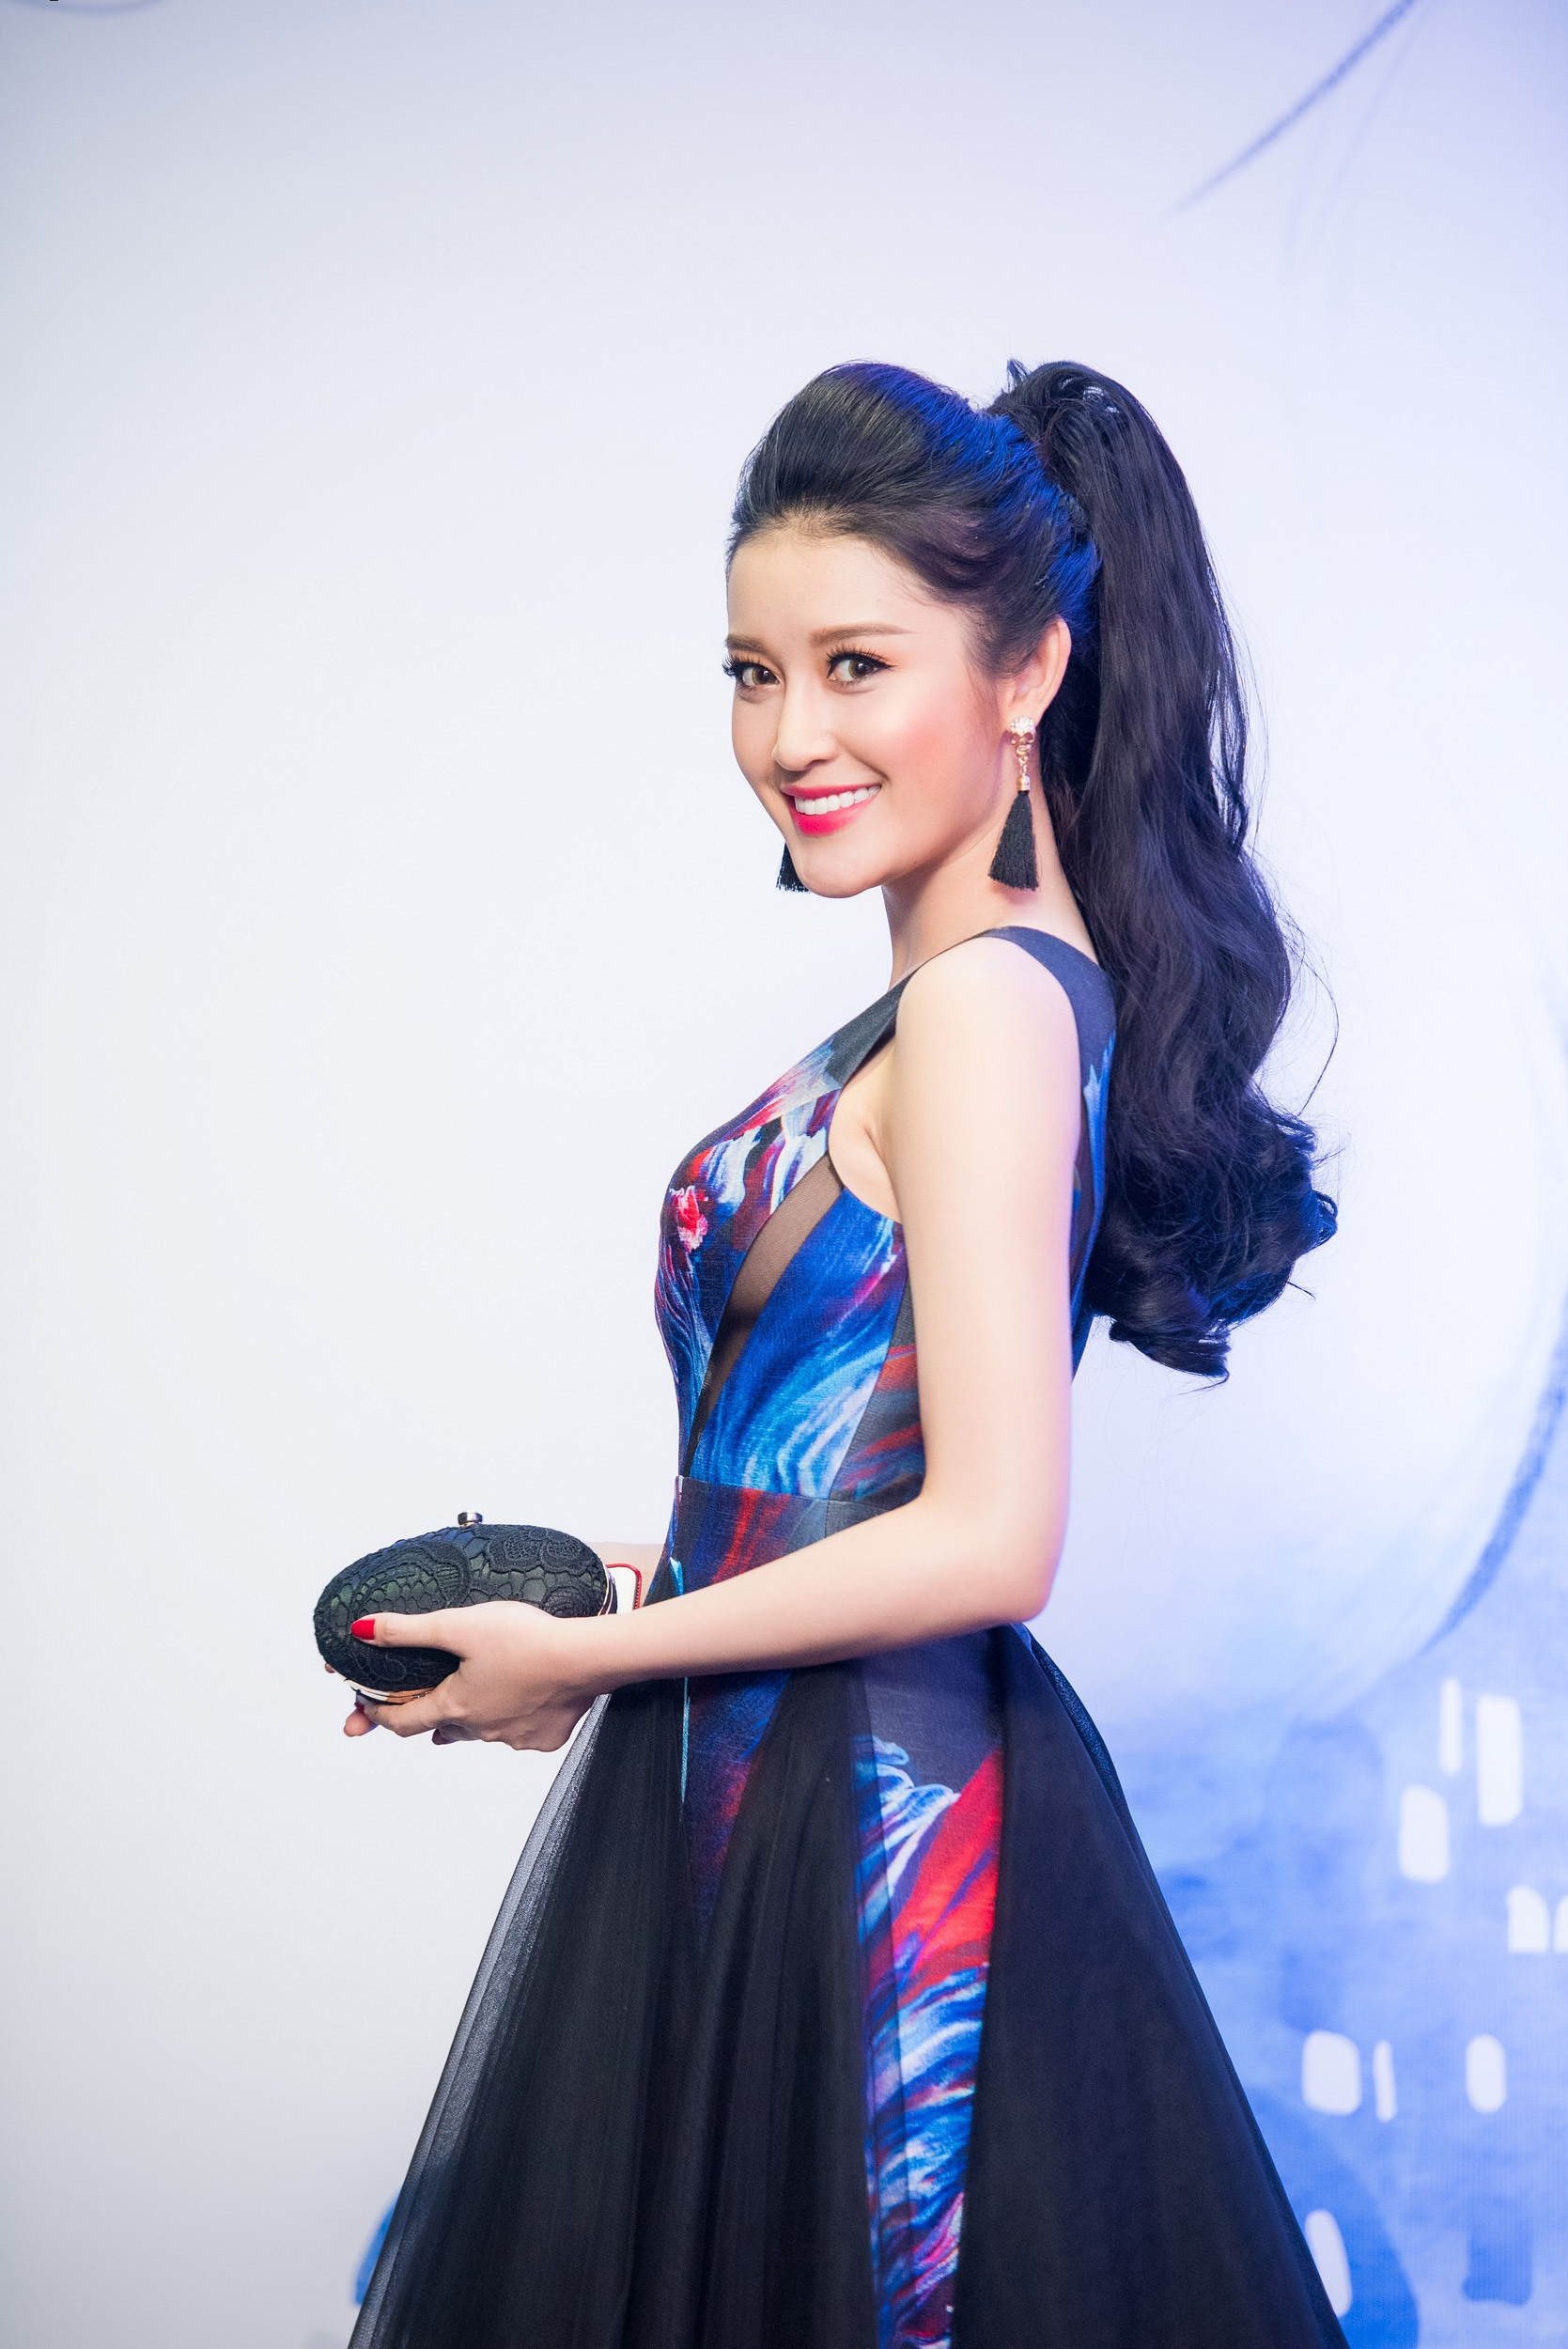 Hoa hậu Thu Thuỷ bất ngờ tái xuất với váy hở lưng đầy gợi cảm - 3